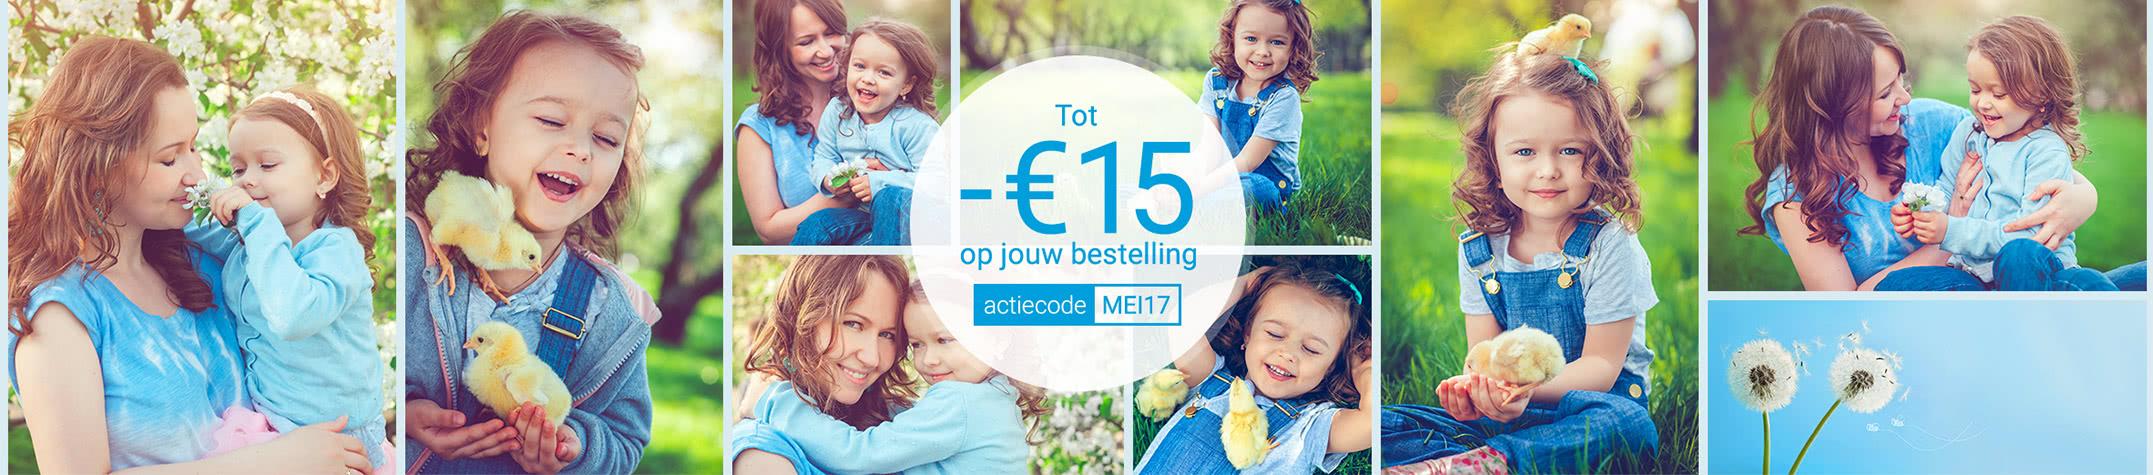 Actie van de maand - Tot €15 korting